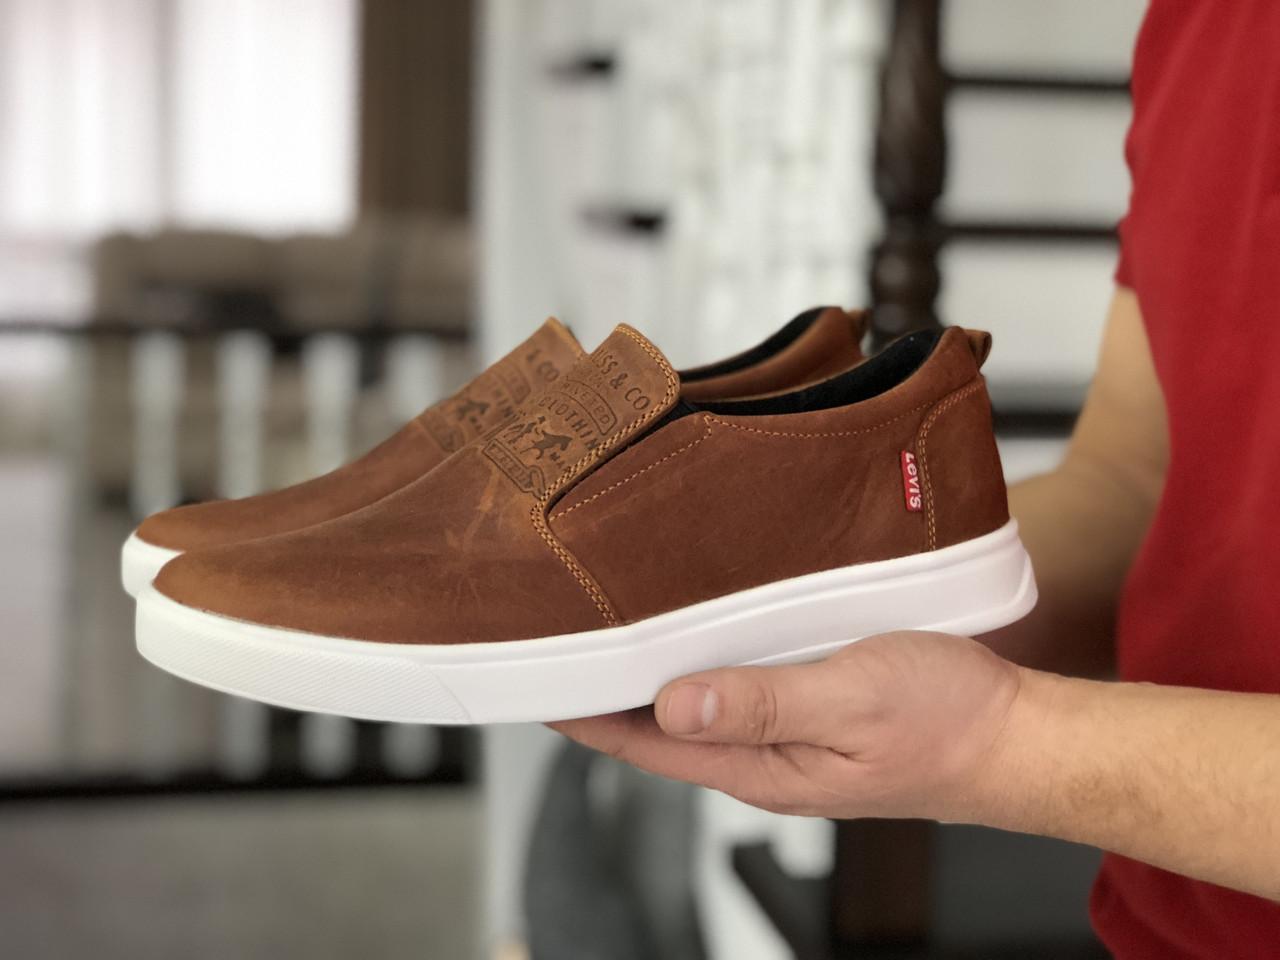 Стильные мужские кожаные мокасины (туфли) Levis,темно коричневые